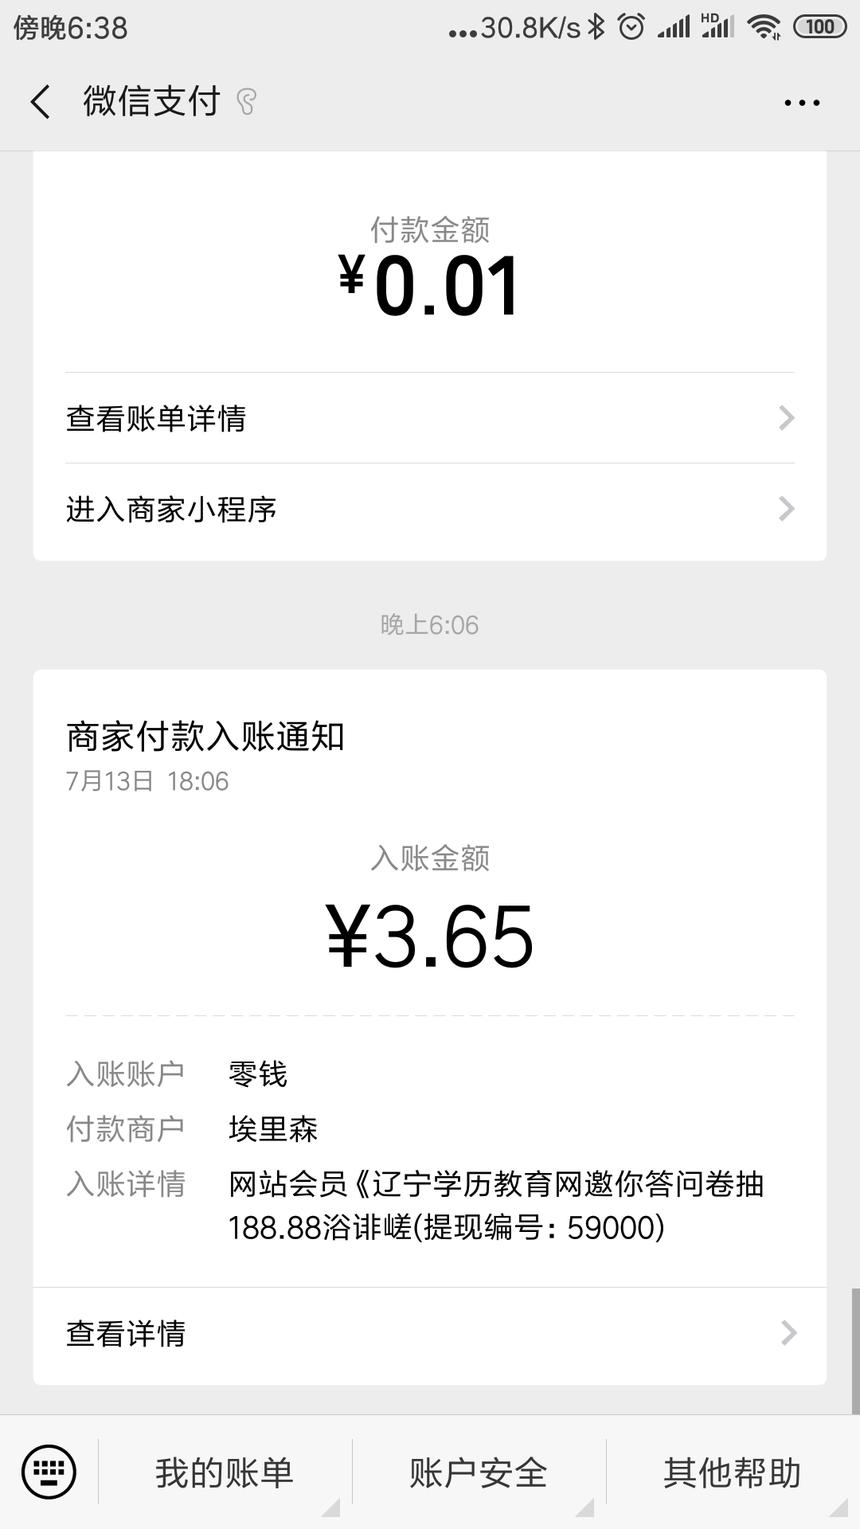 Screenshot_2019-07-13-18-38-50-046_com.tencent.mm.png